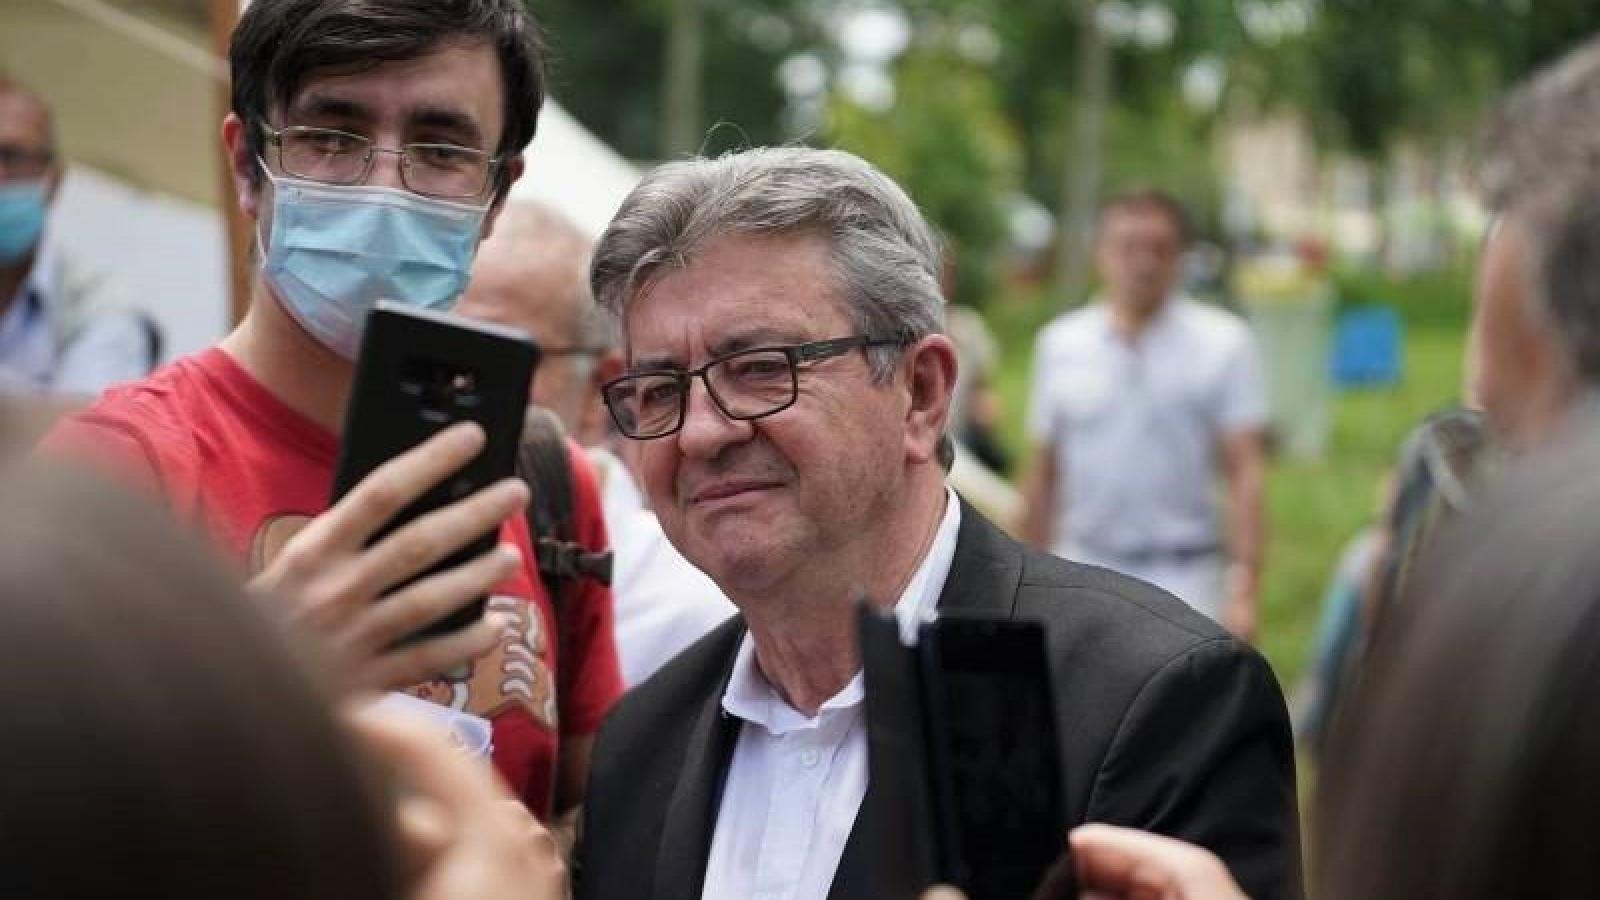 Bất mãn vì AUKUS, chính trị gia Pháp kêu gọi rút khỏi NATO